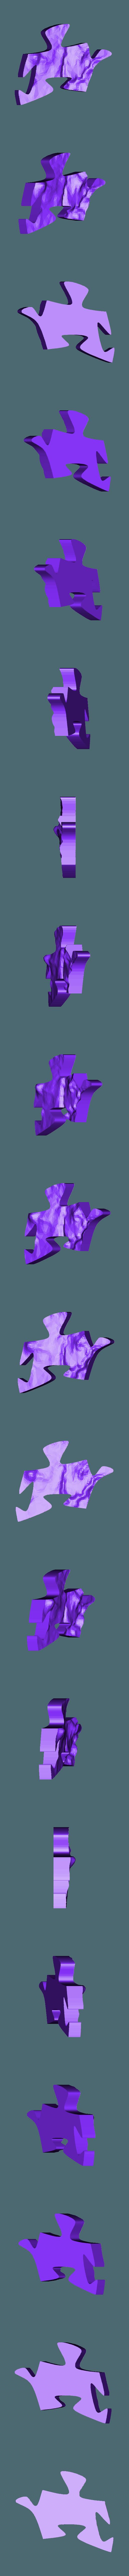 36.stl Télécharger fichier STL gratuit Echelle épique - Terrain - Zion NP • Objet à imprimer en 3D, TCP491016